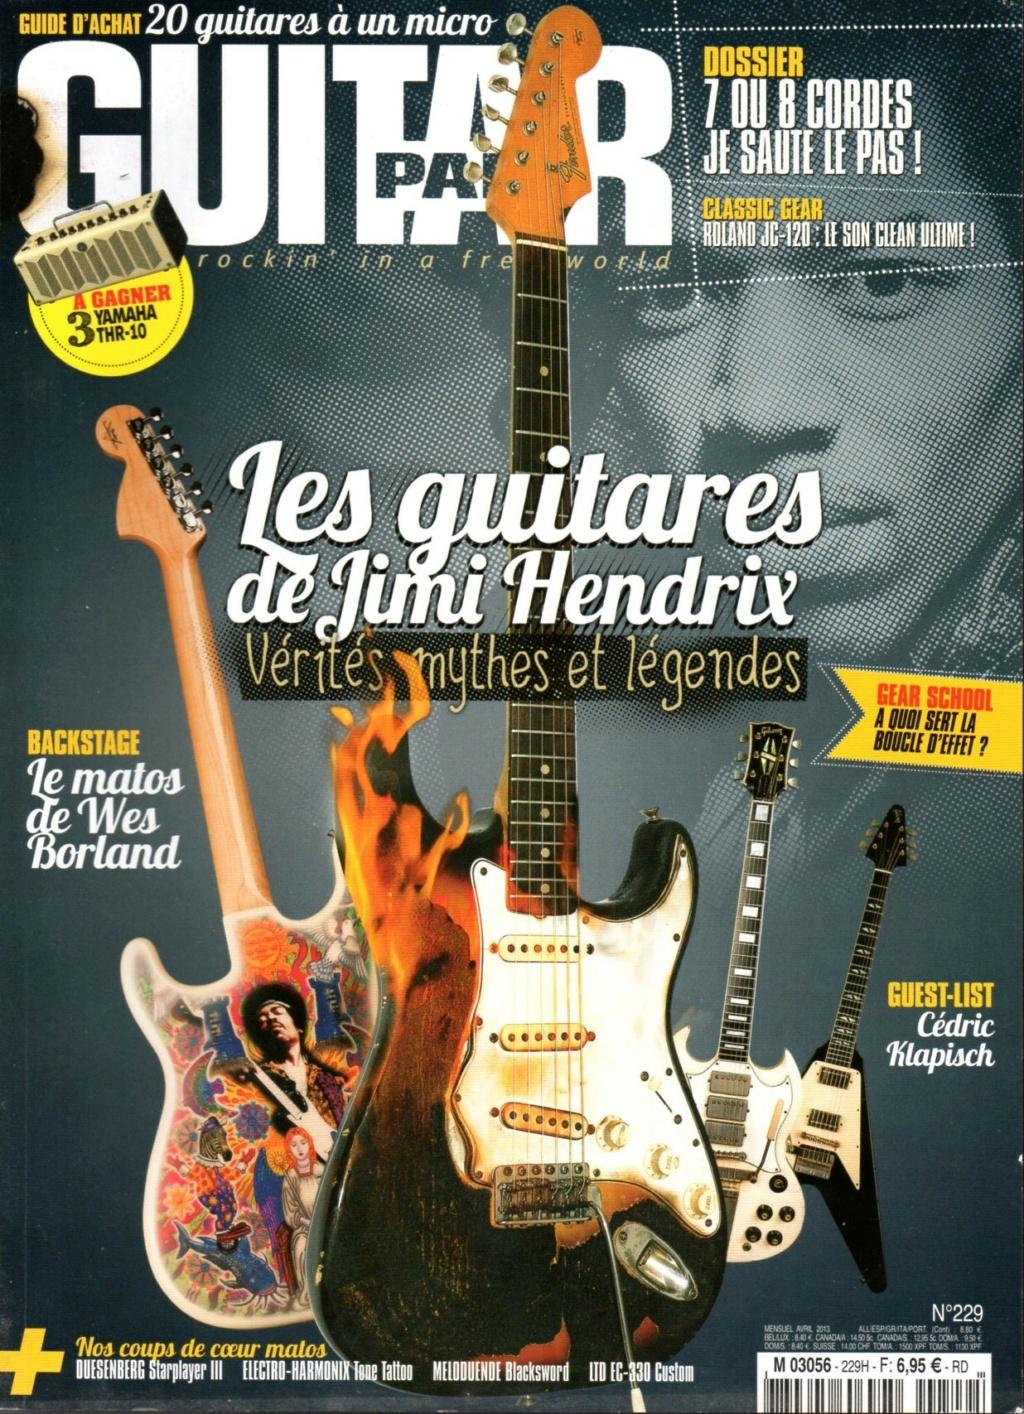 Magazines Français 1989 - 2014 Img37210